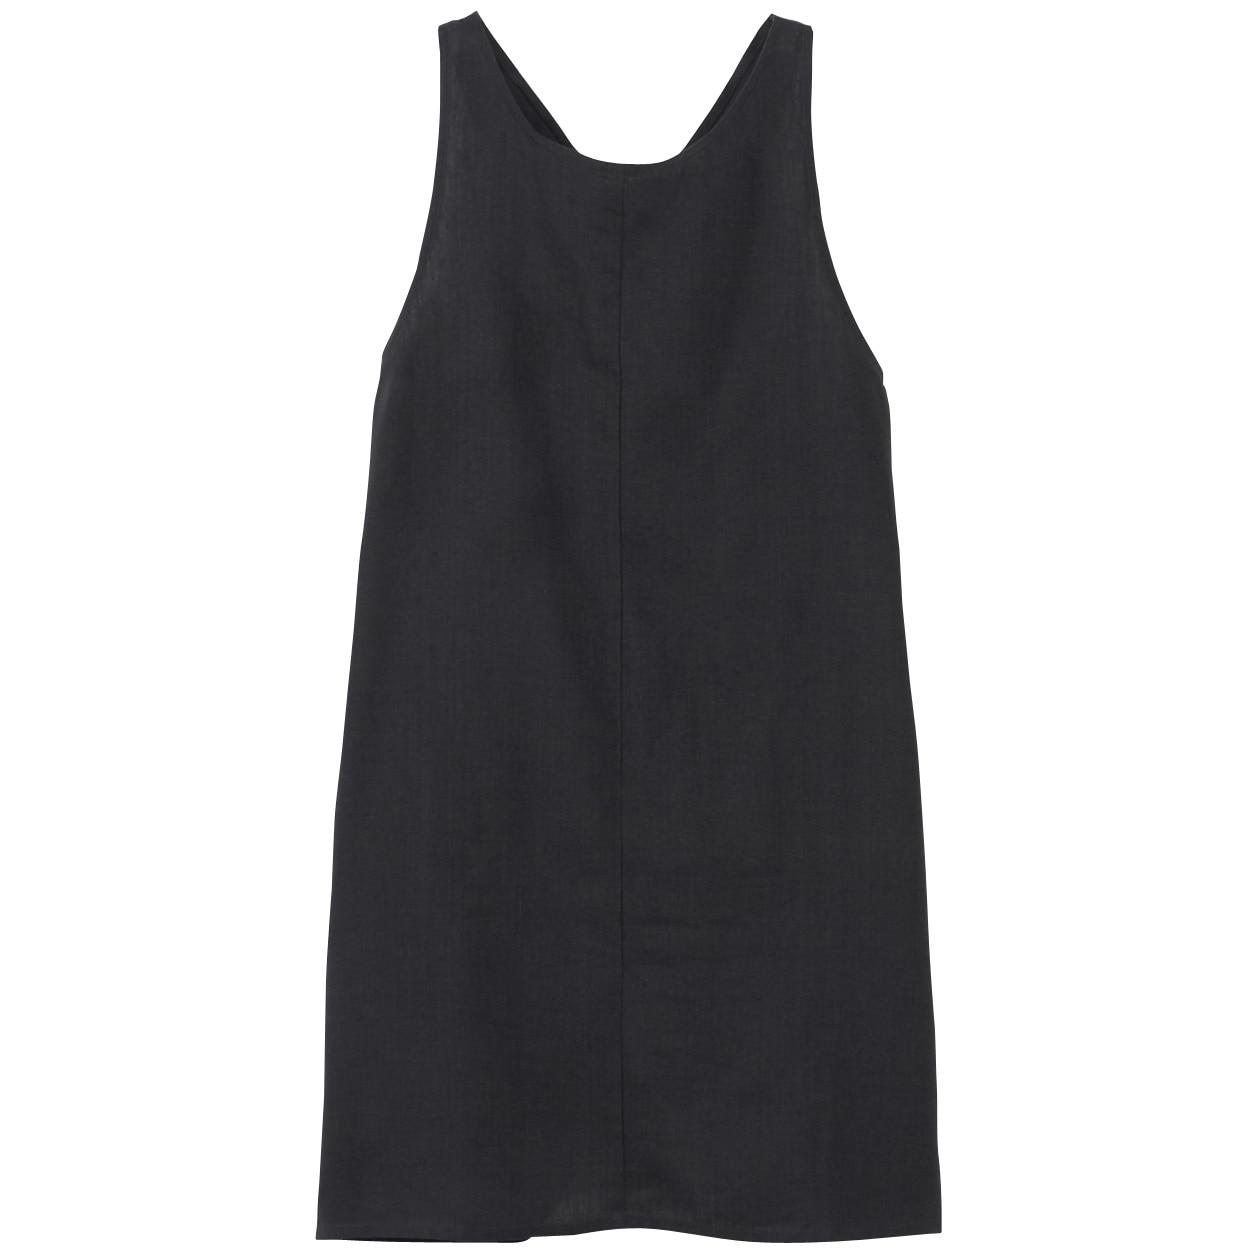 麻平織 エプロン 墨黒 ワンピース仕様・身丈約81cm・巾着付